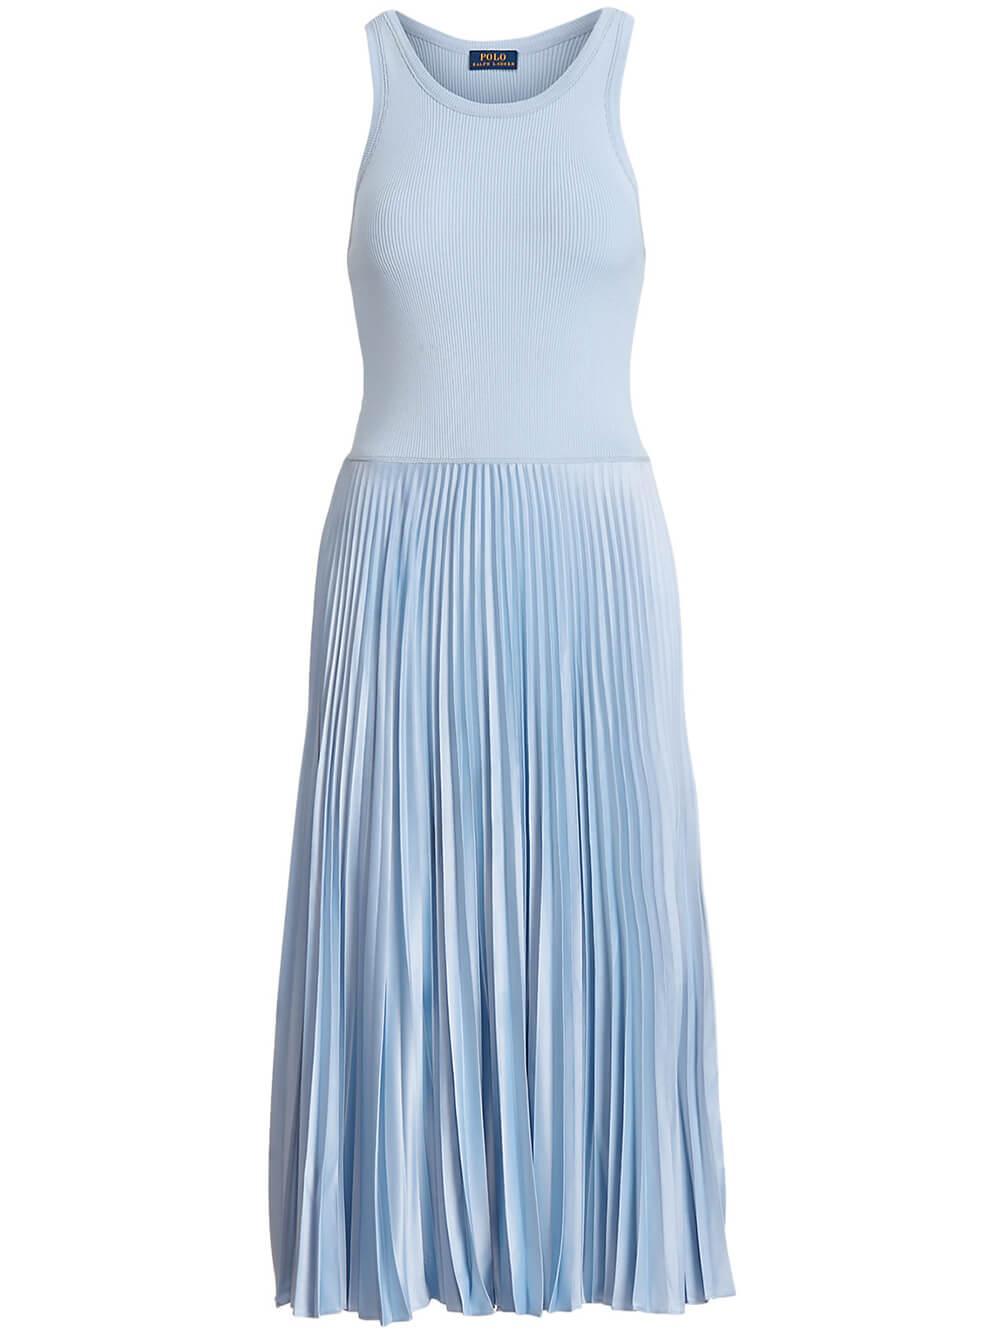 Pleated Sleeveless Dress Item # 211838046001